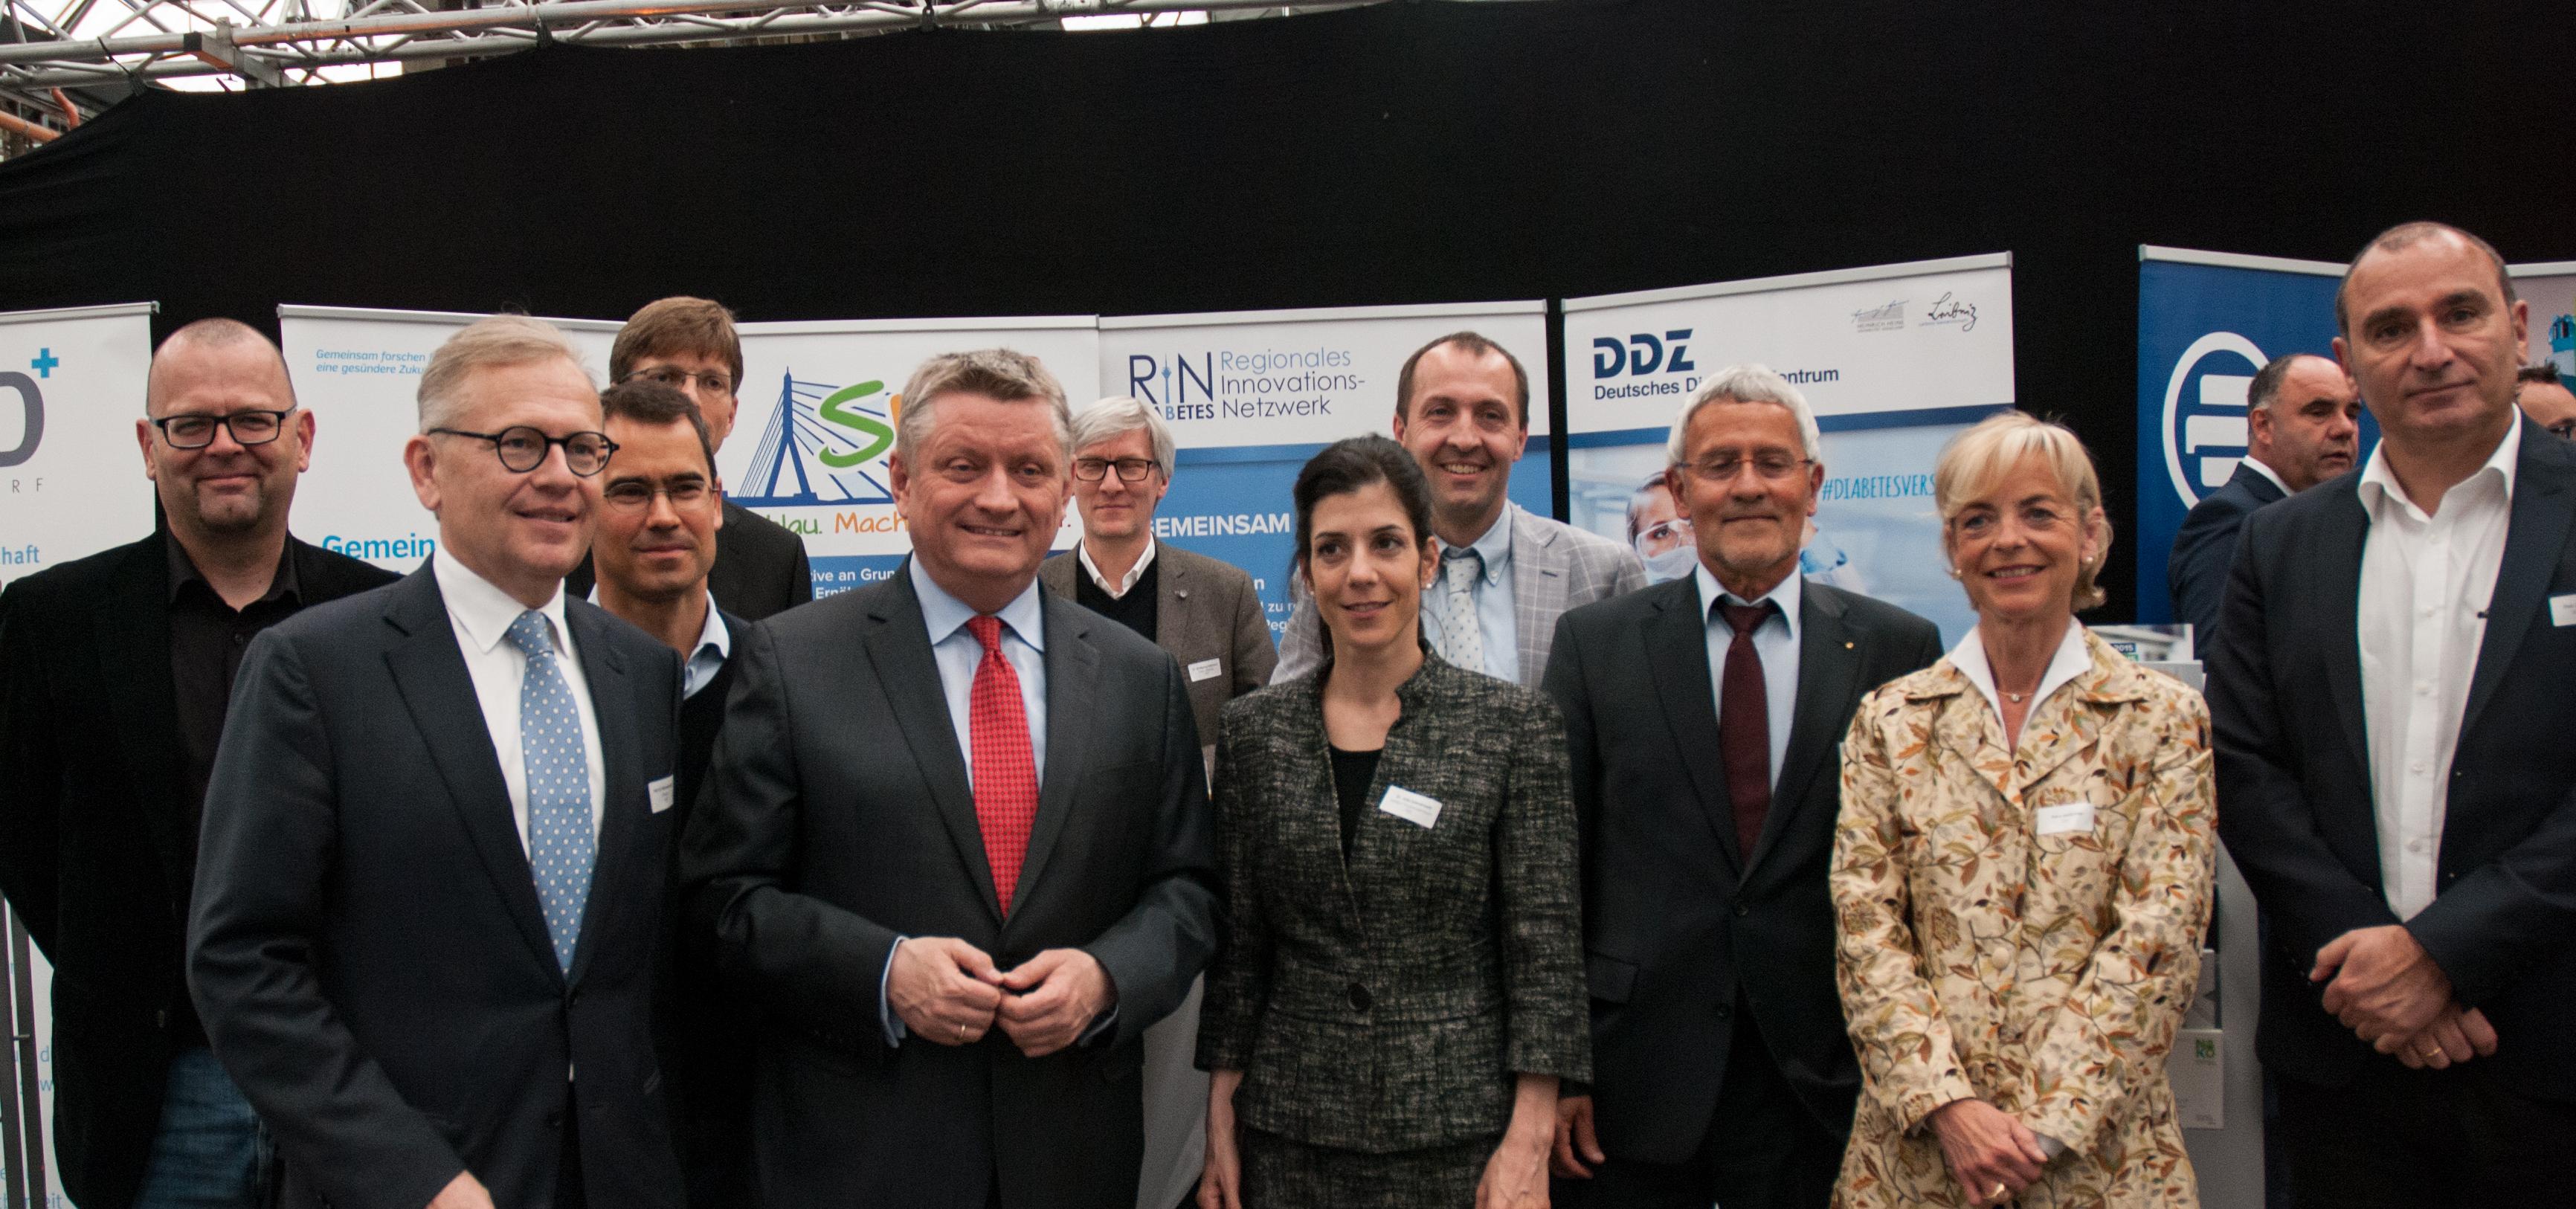 In der Diskussion um die Prävention bei Diabetes: Bundesgesundheitsminister Hermann Gröhe und Prof. Michael Roden, Wissenschaftlicher Direktor und Vorstand des DDZ